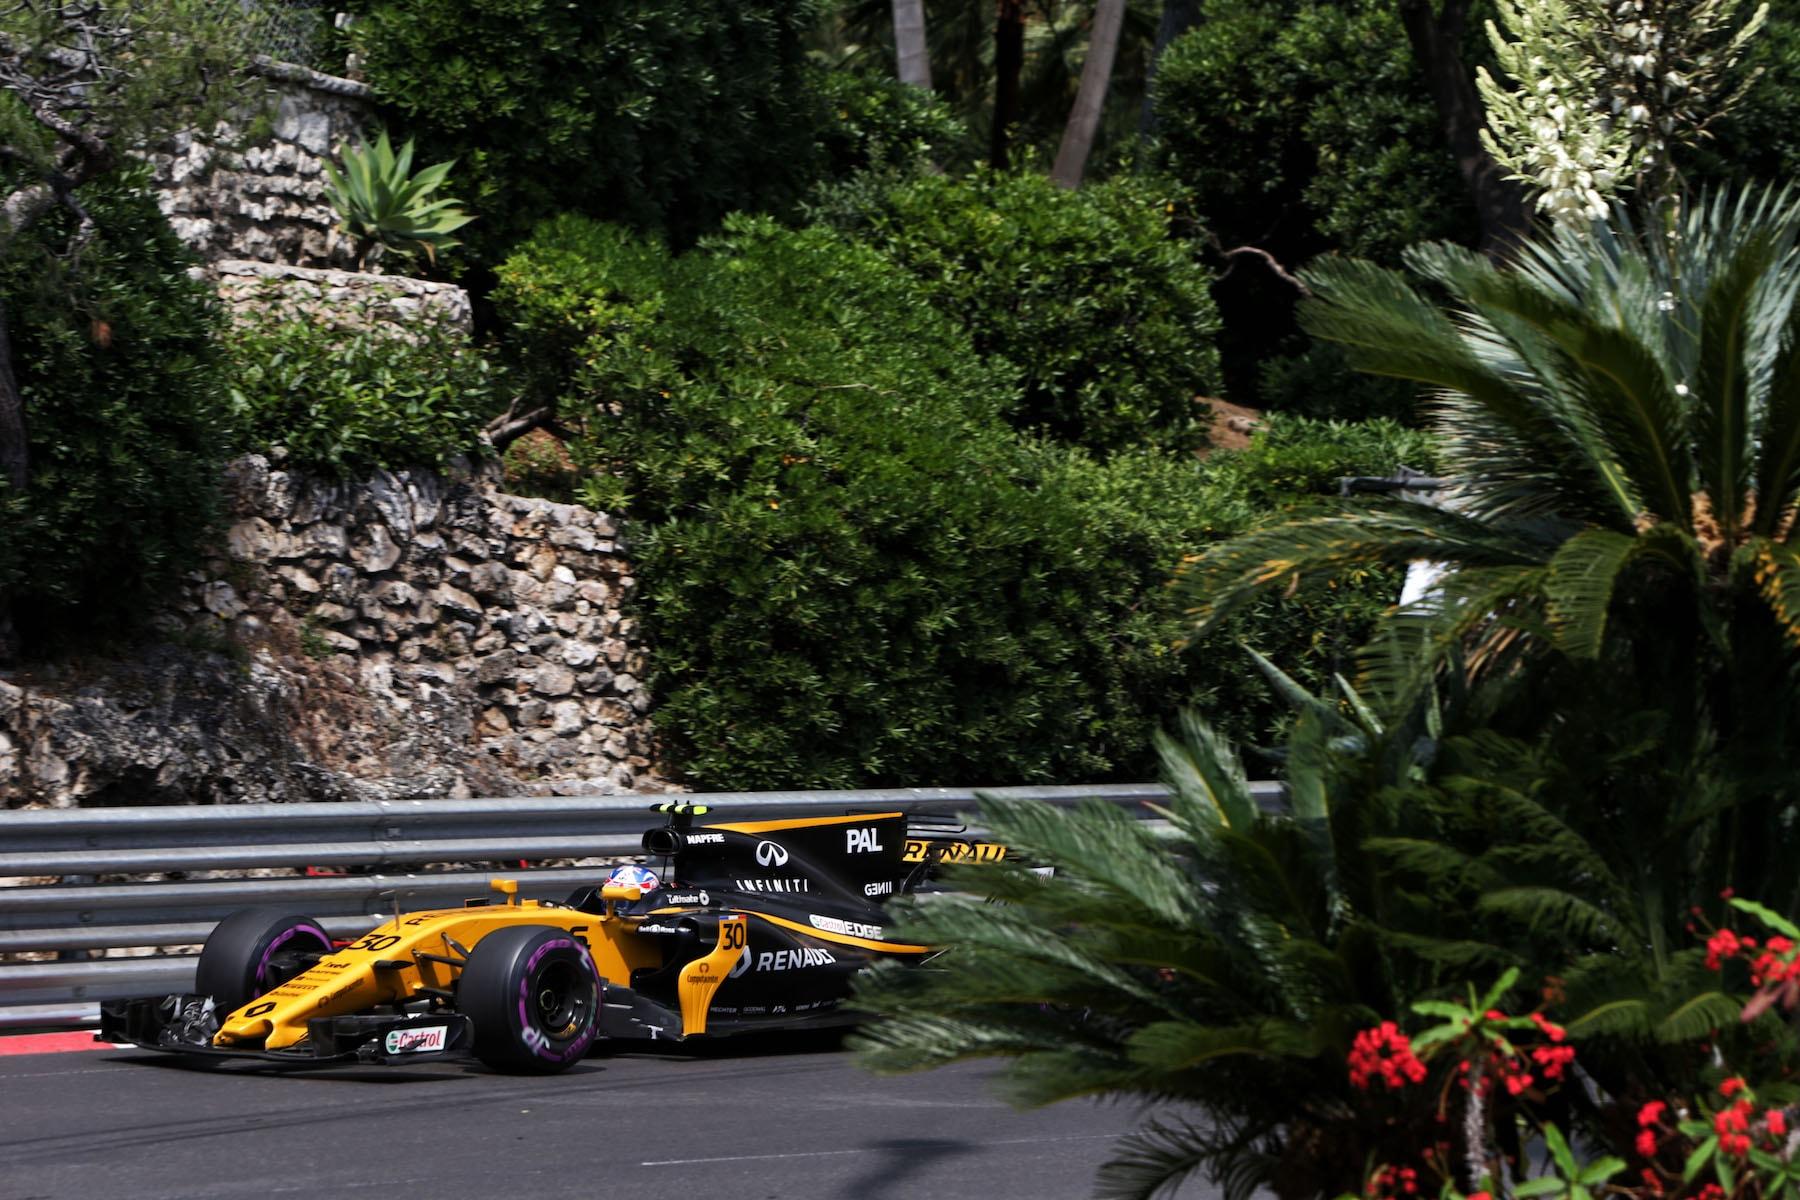 2017 Jolyon Palmer | Renault RS17 | 2017 Monaco FP1 3 copy.jpg